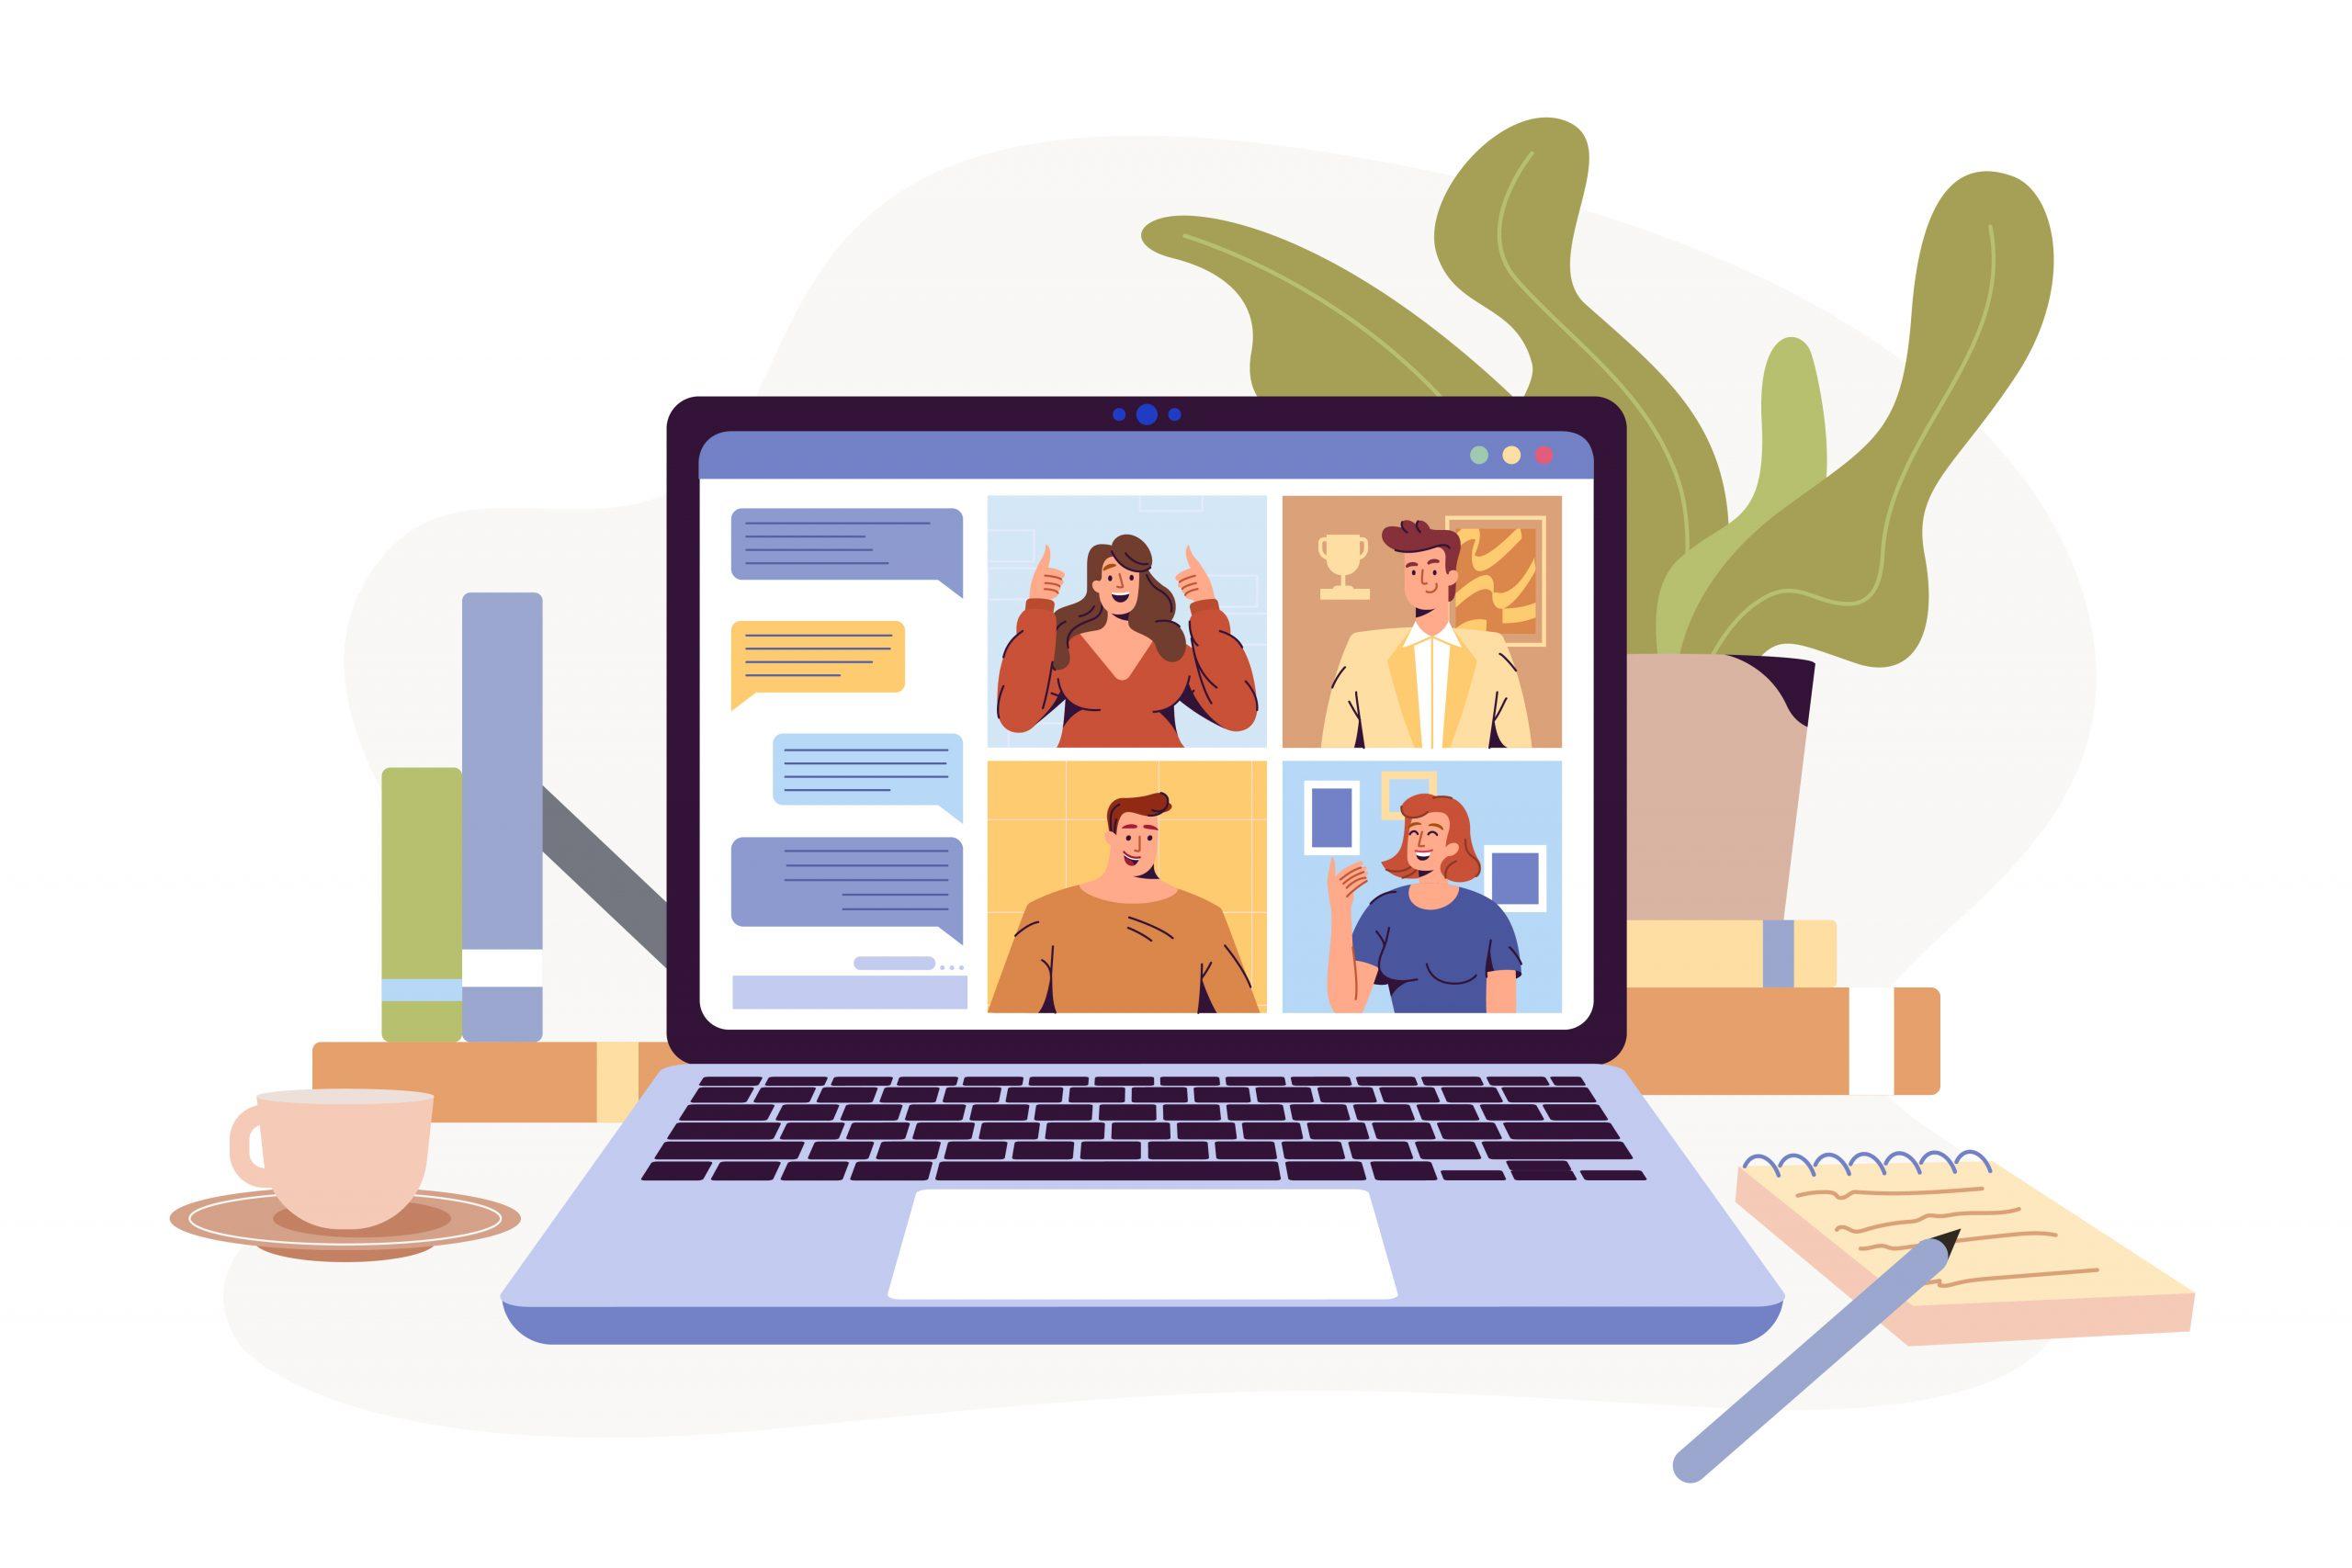 Online pohovor – načo nezabudnúť